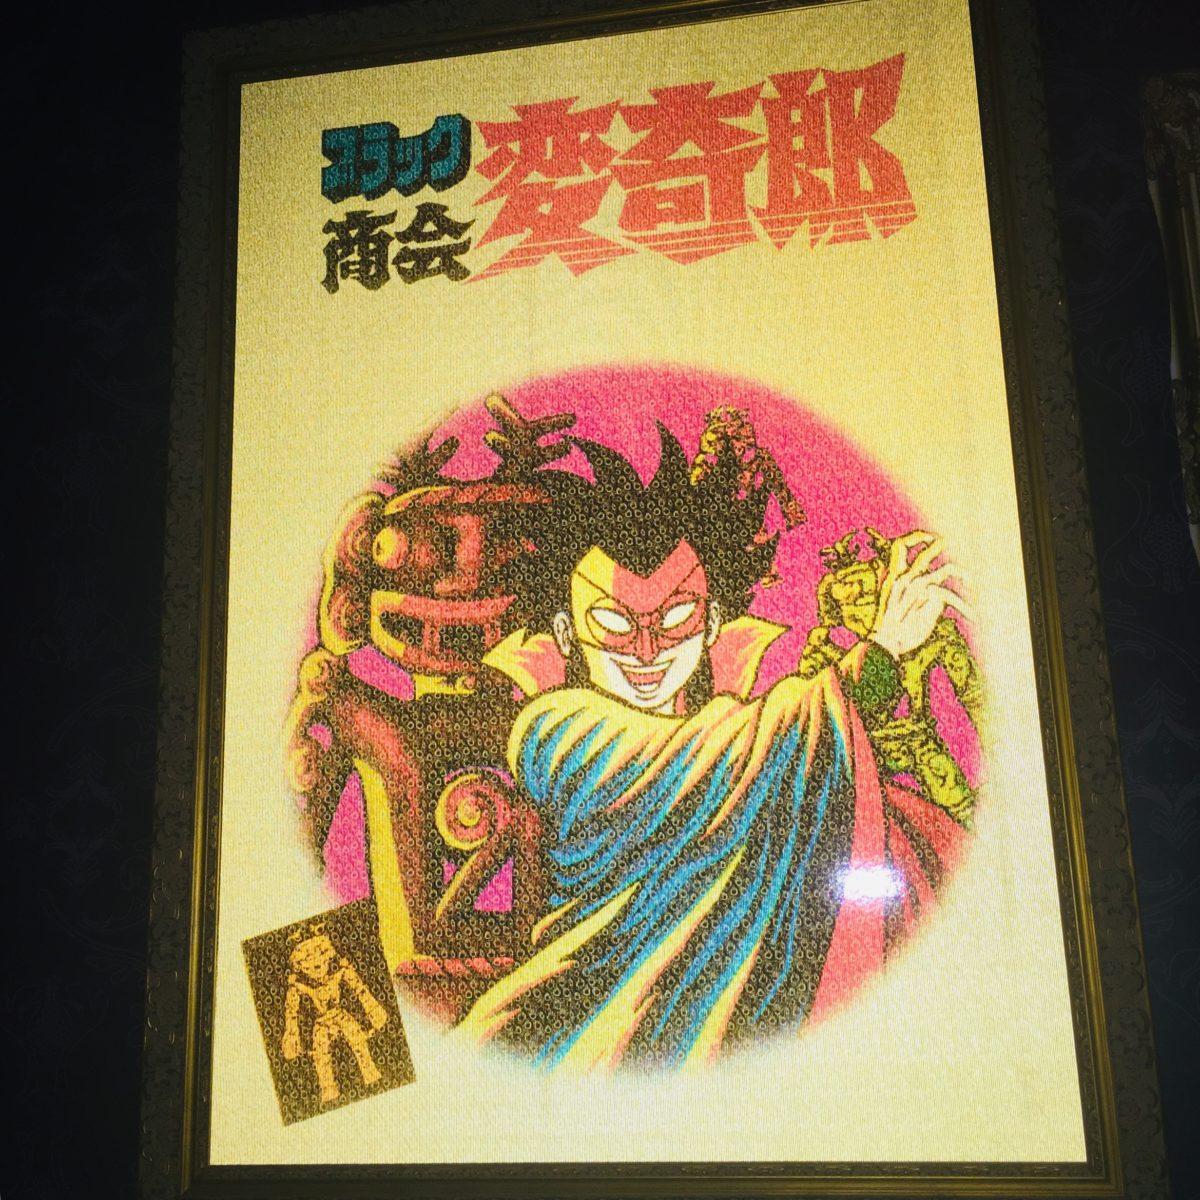 「藤子不二雄Ⓐ展」でのブラック商会事変奇郎